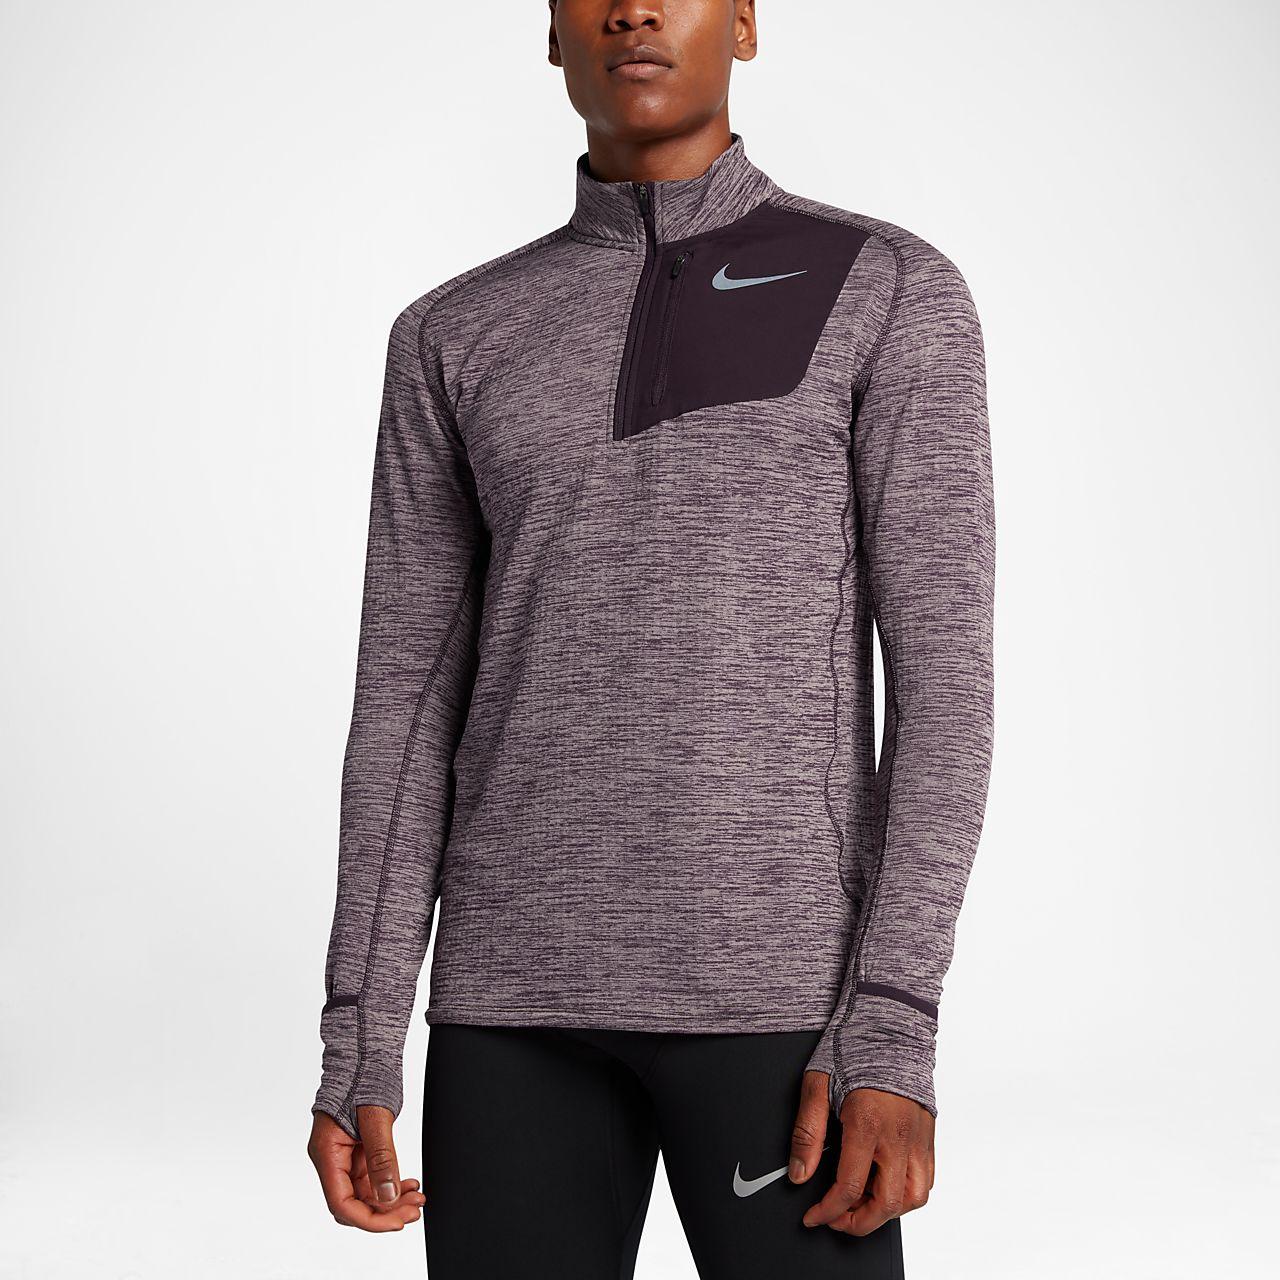 Nike Mens Running Top - Nike Element Sphere Half-Zip Black/Heather T99h6818